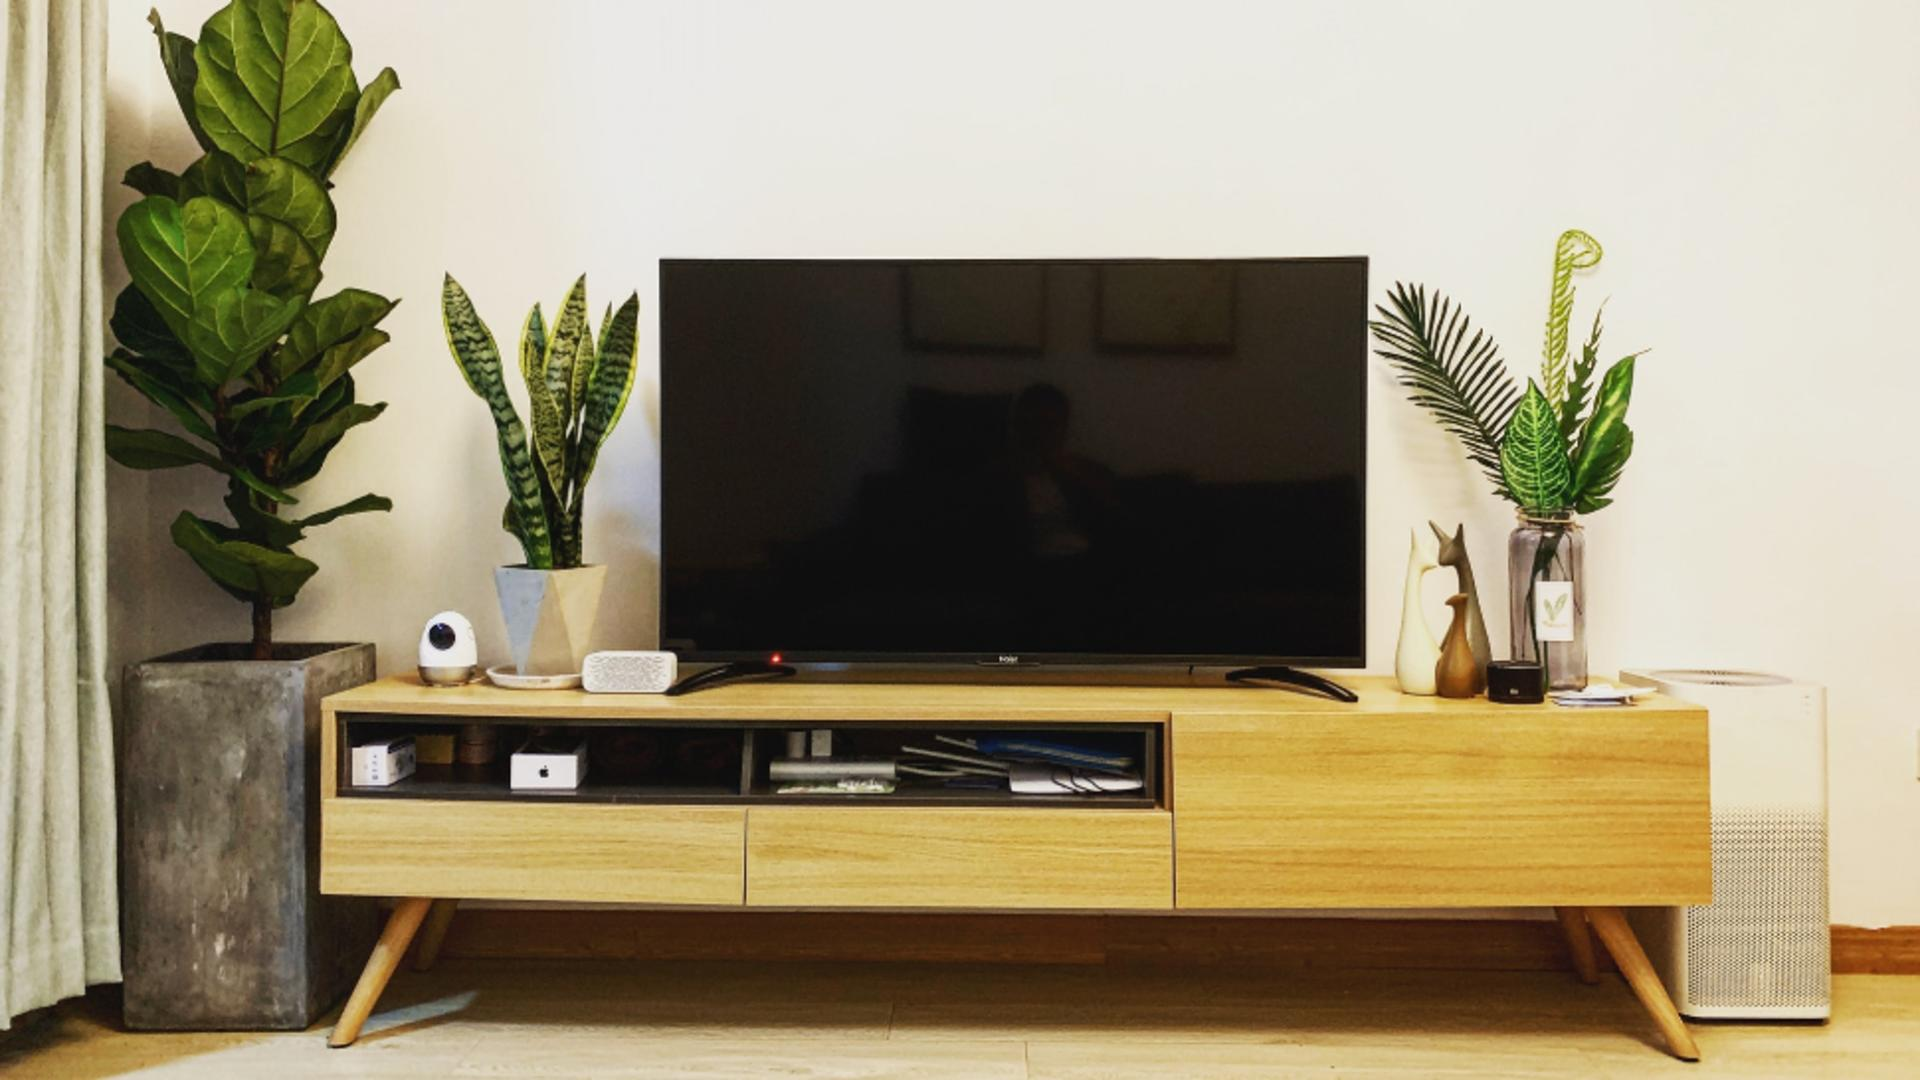 Diferențele dintre Google TV și Android TV pe un TV smart